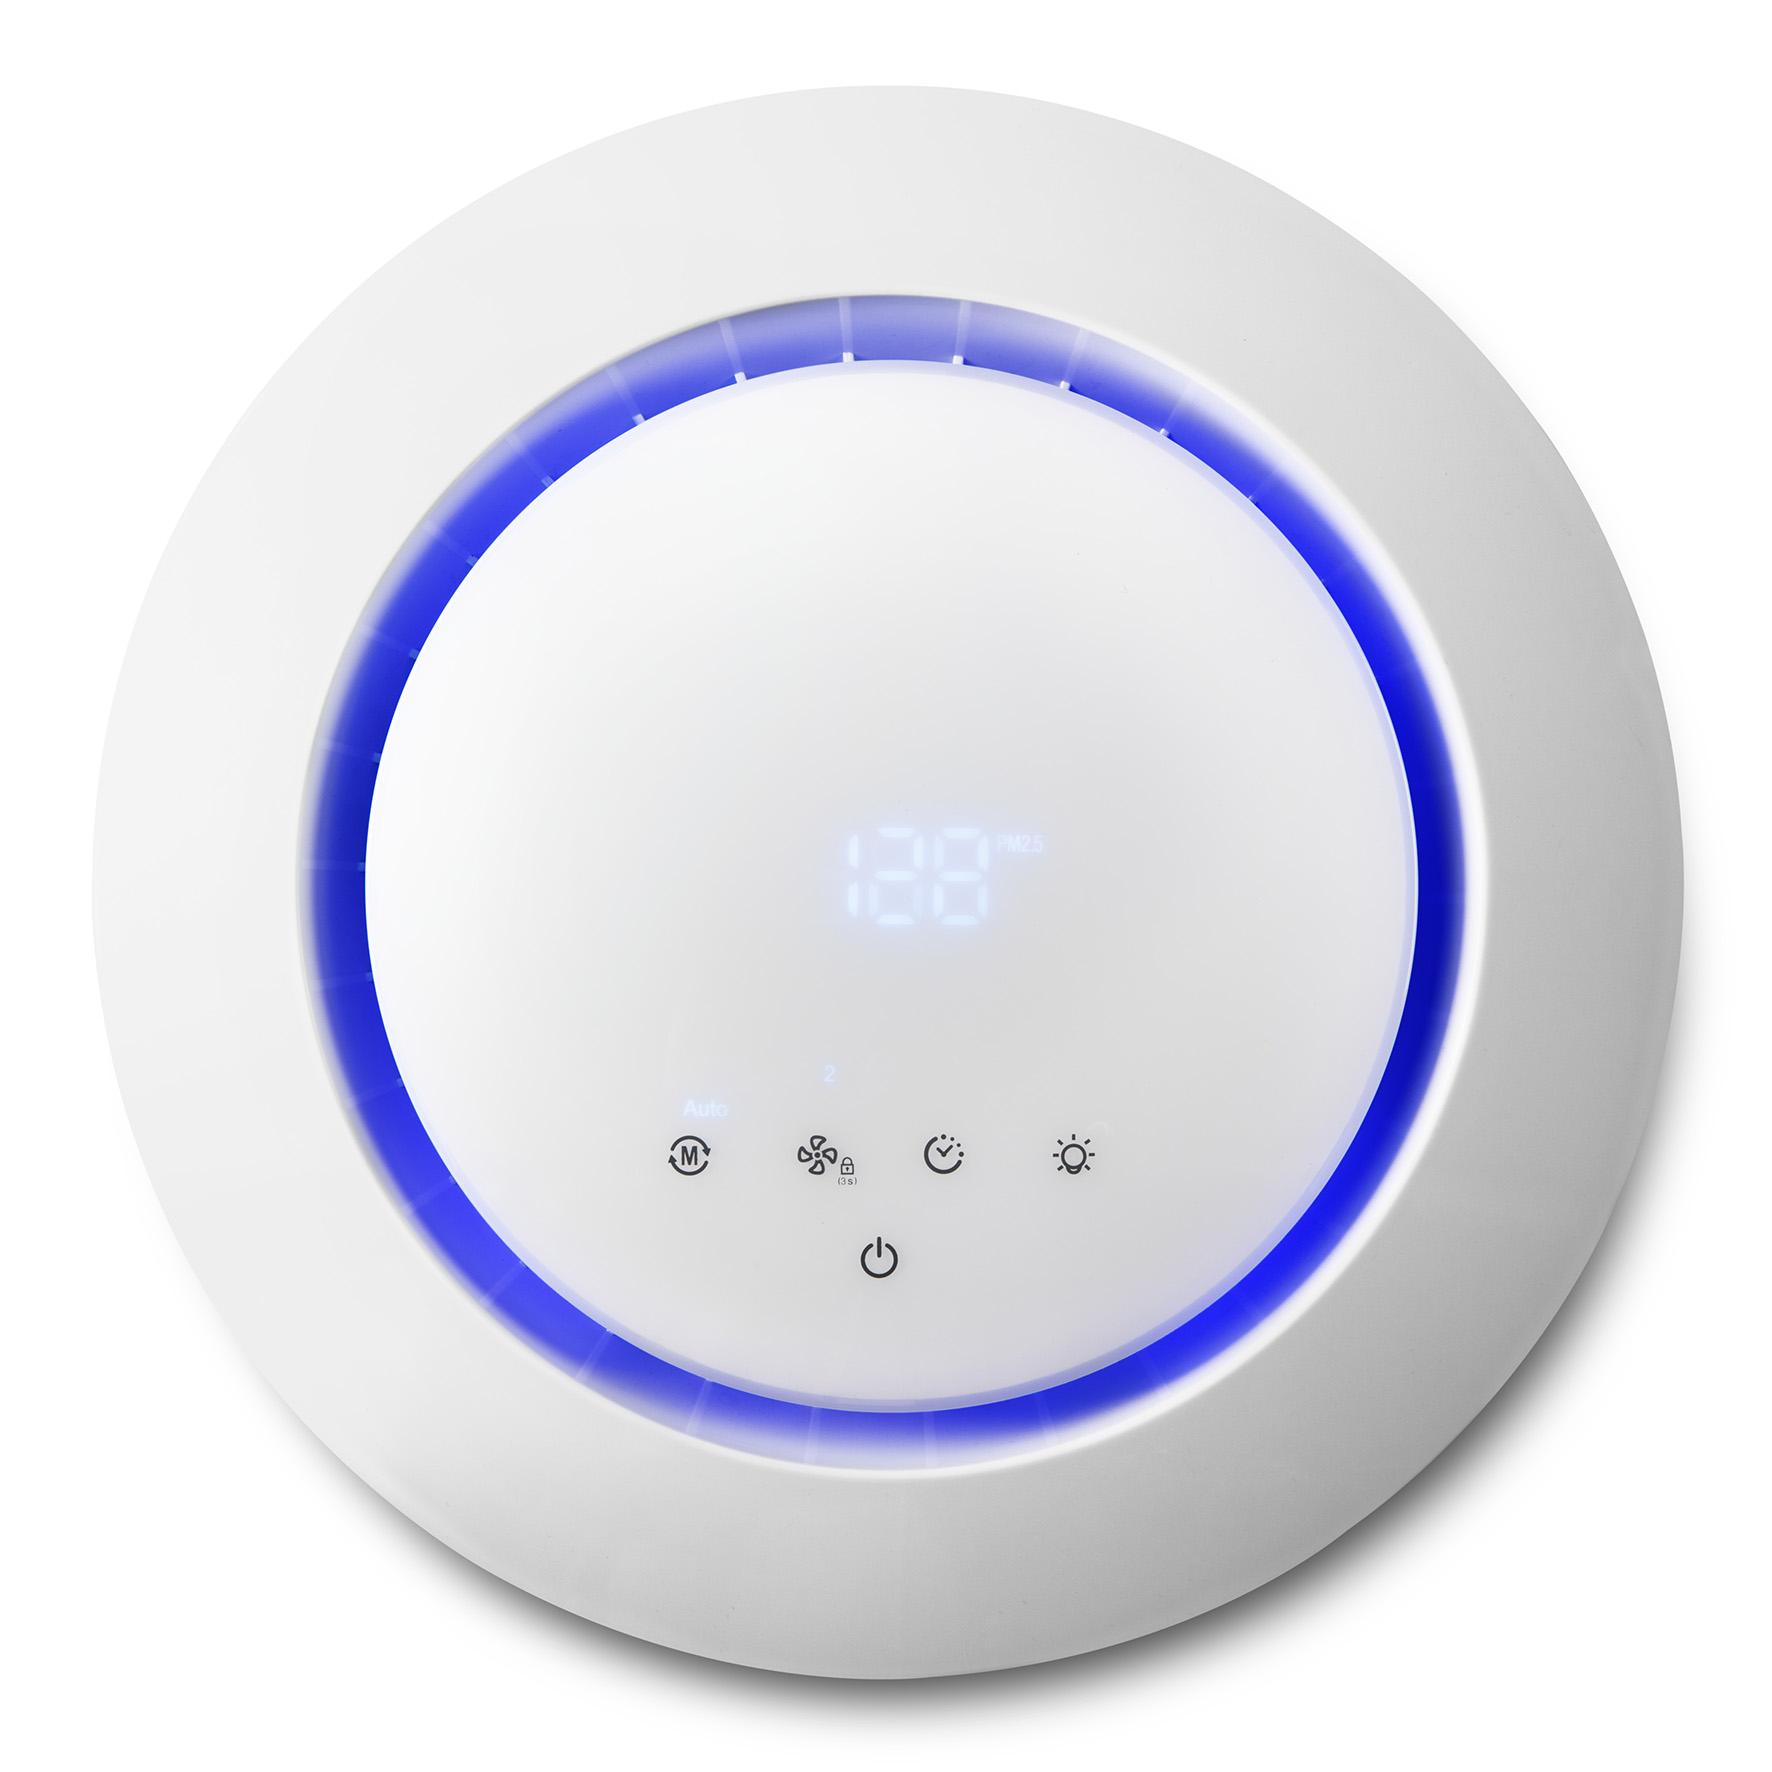 Life+: Medion zeigt Einsteiger-Smarthome mit Alexa-Unterstützung - Luftreiniger von Medion Life+ (Bild: Medion)